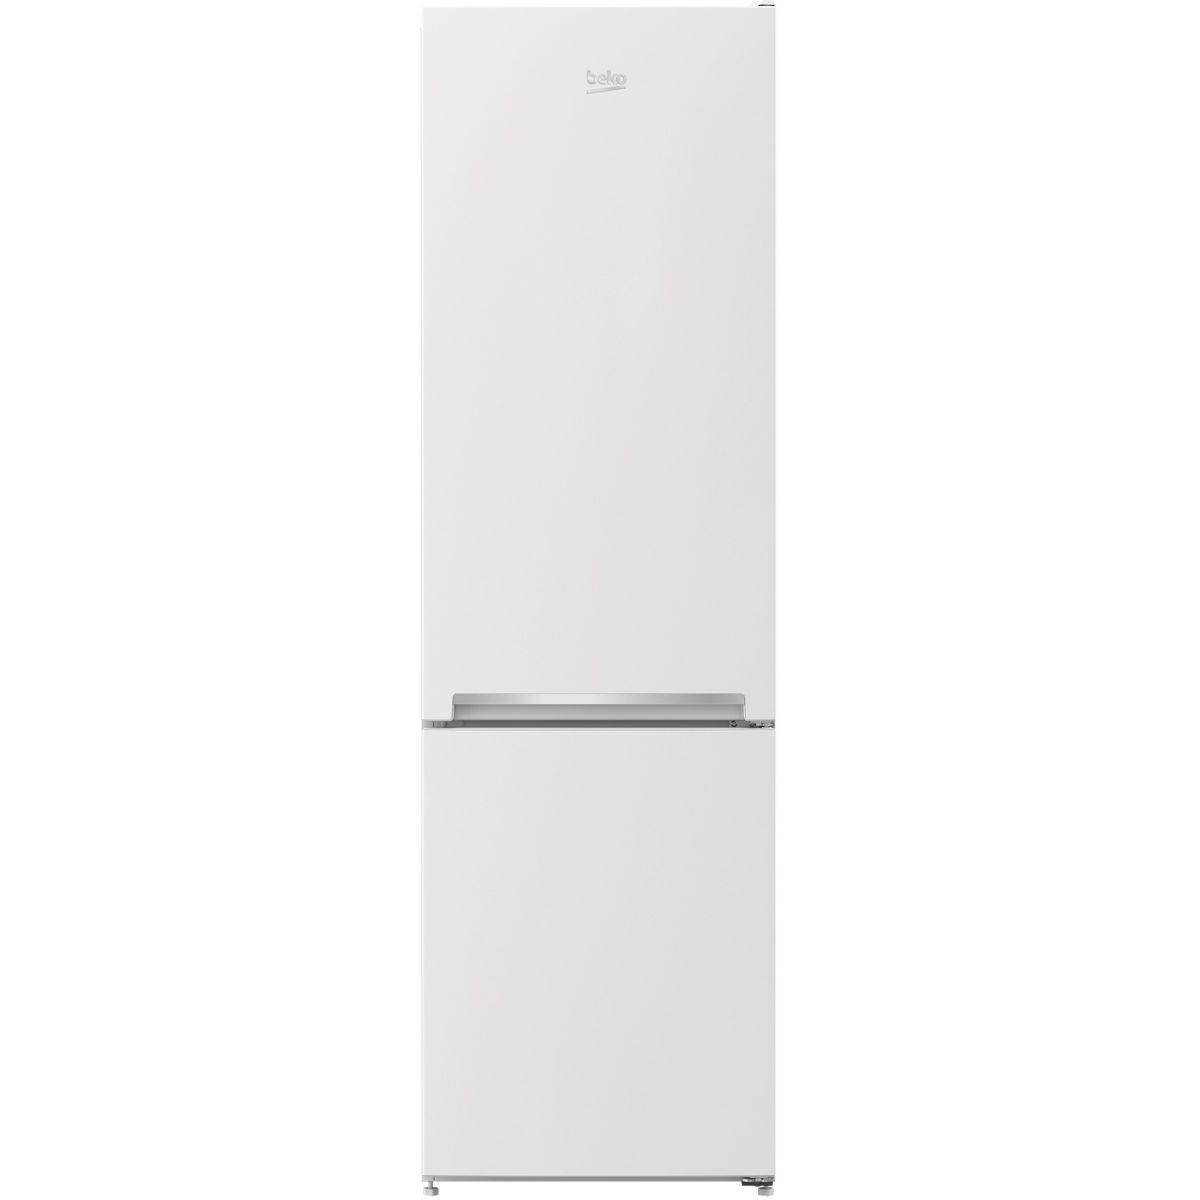 réfrigérateur congélateur en bas beko rcna305k20w reconditionné